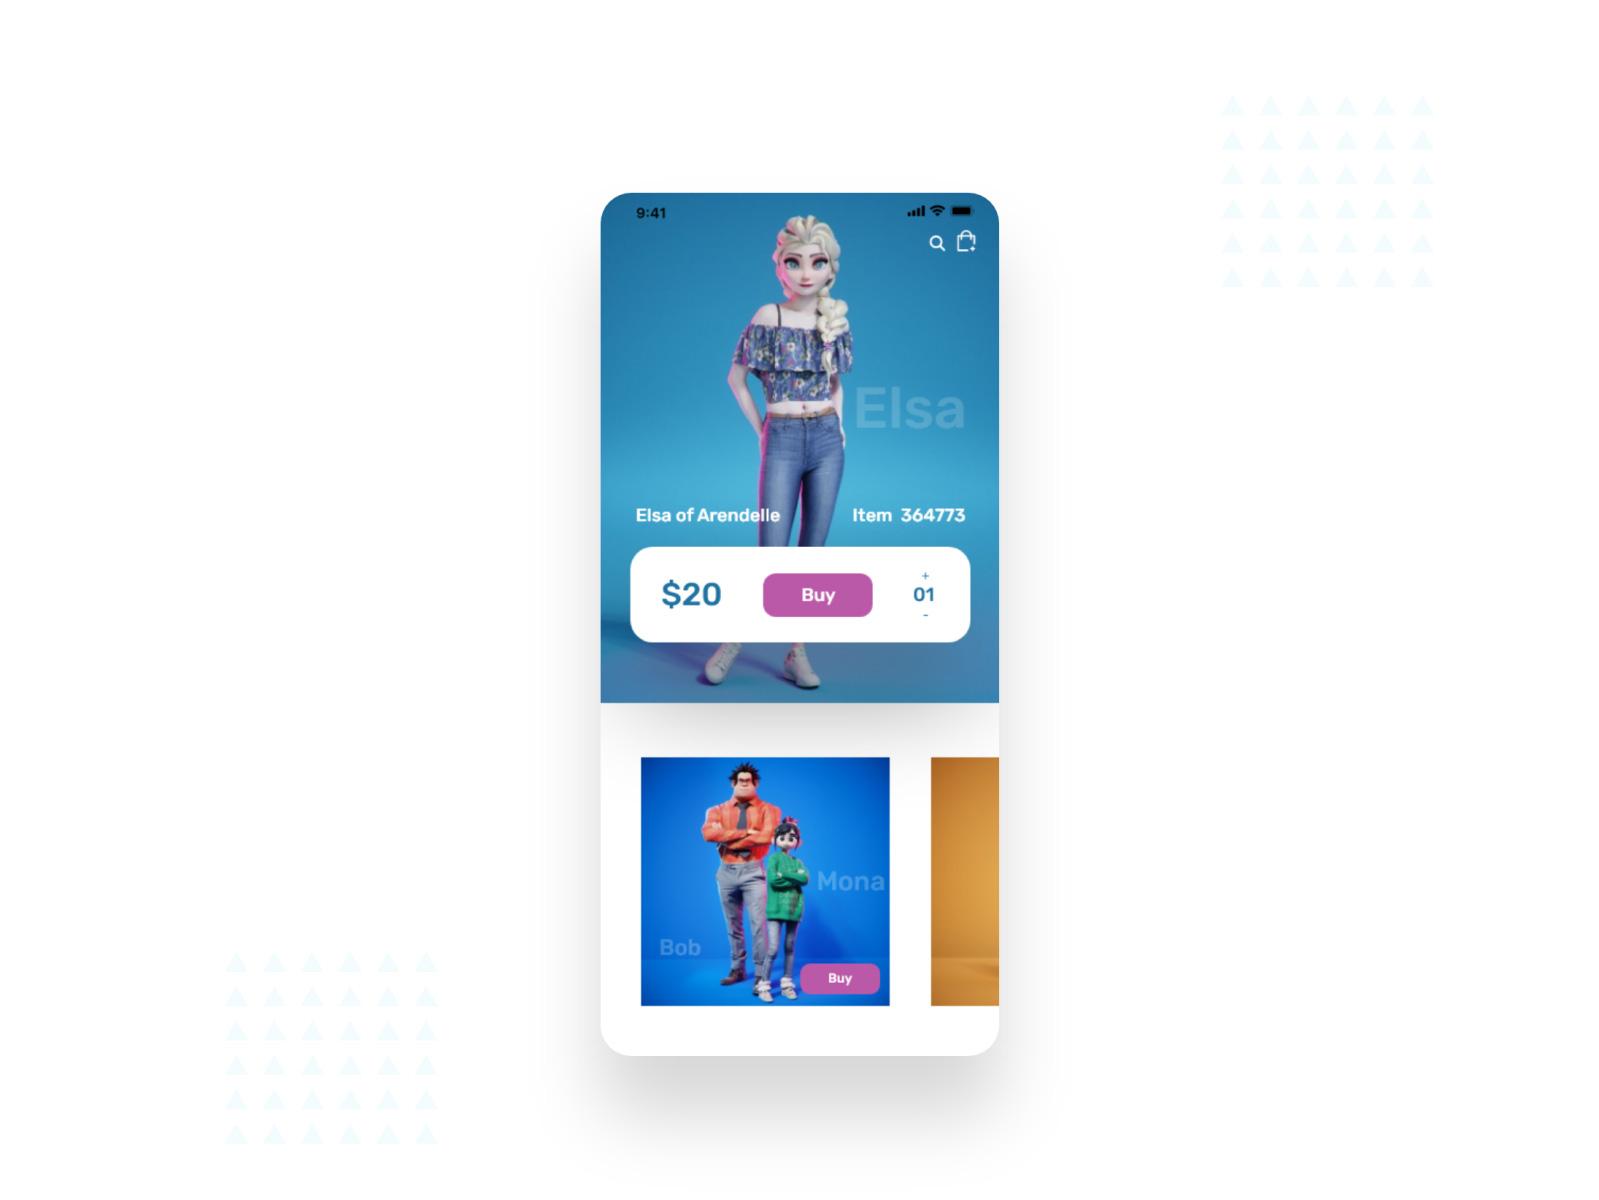 婴儿玩具商店应用程序设计套件插图2